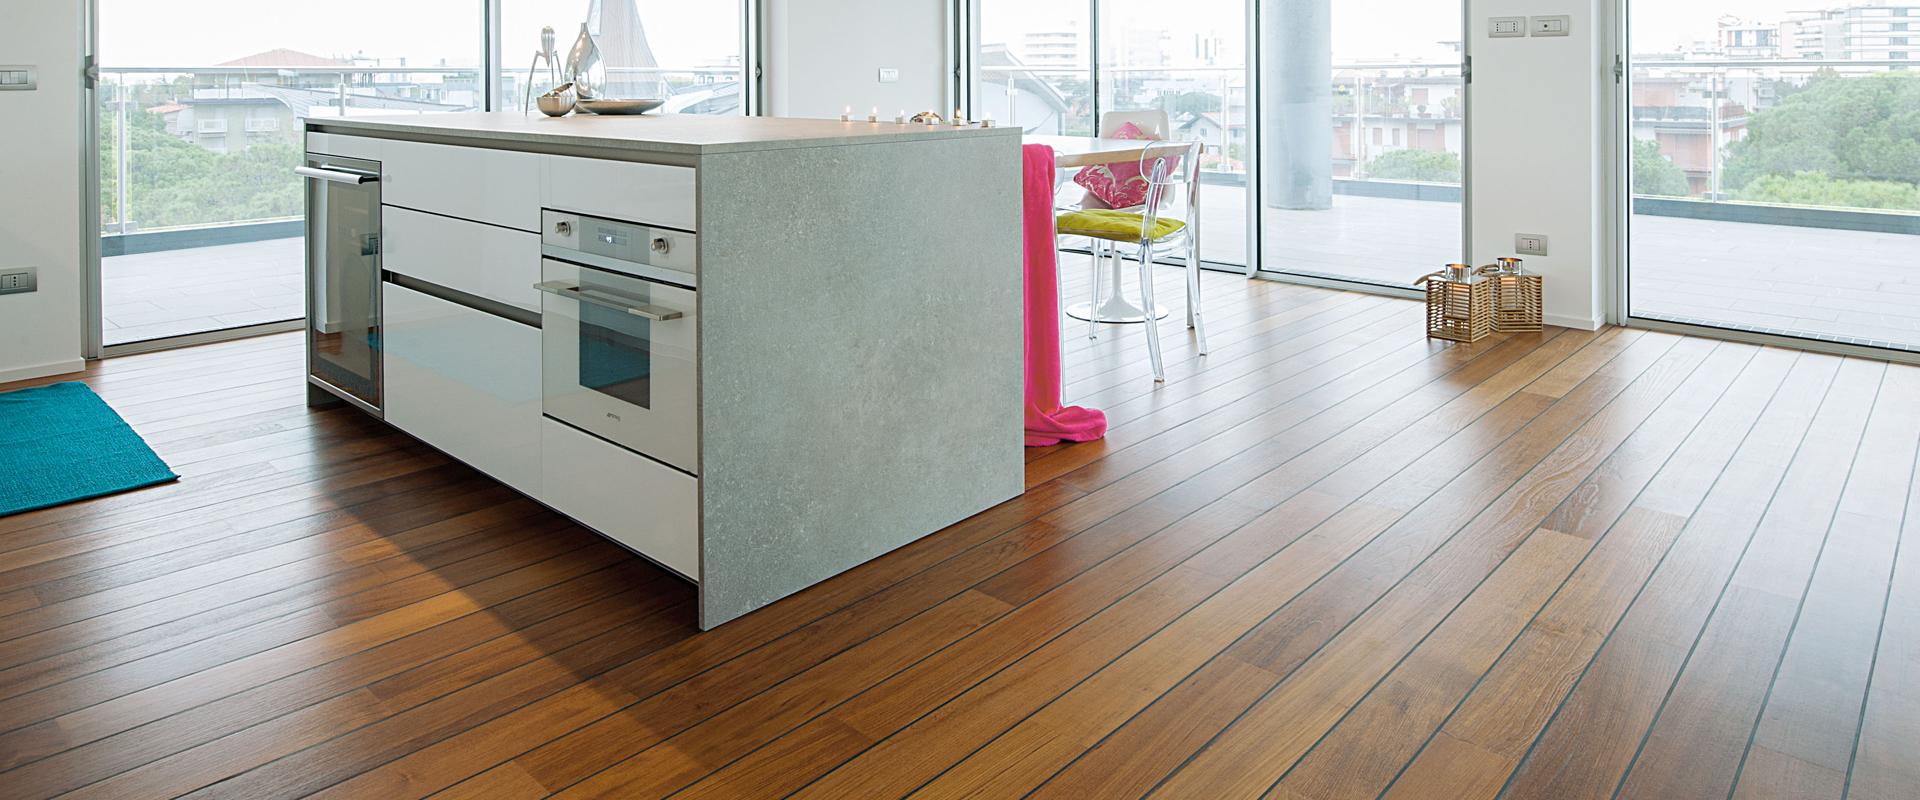 Gallery pavimento in legno per la cucina garbelotto - Pavimenti x cucina ...